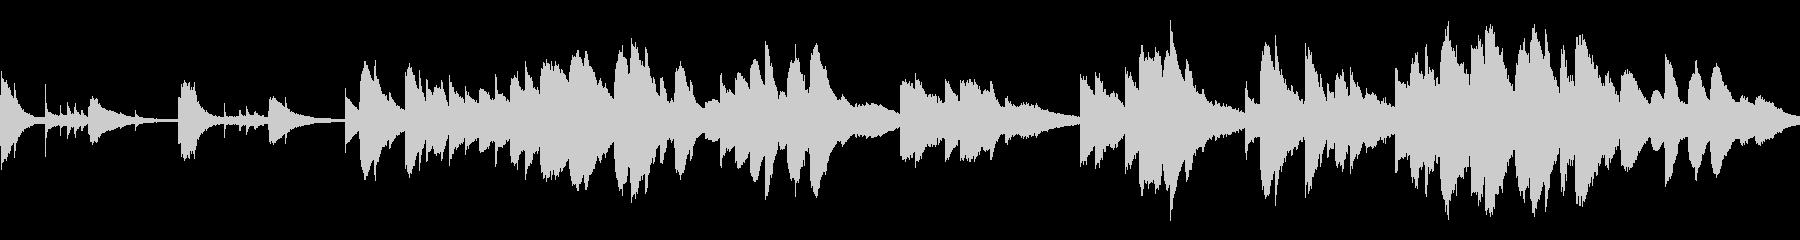 もの寂しい雰囲気のピアノソロ曲(ループ)の未再生の波形